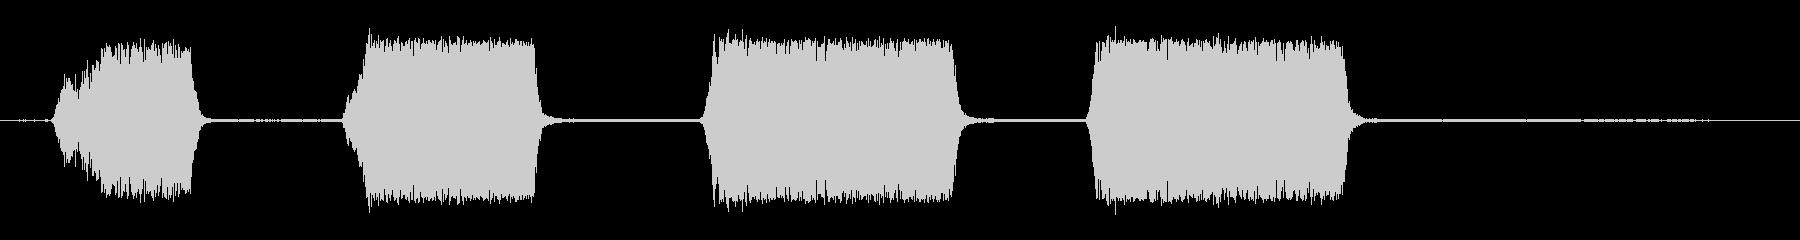 狭いゲージの蒸気機関車:ホイッスル...の未再生の波形